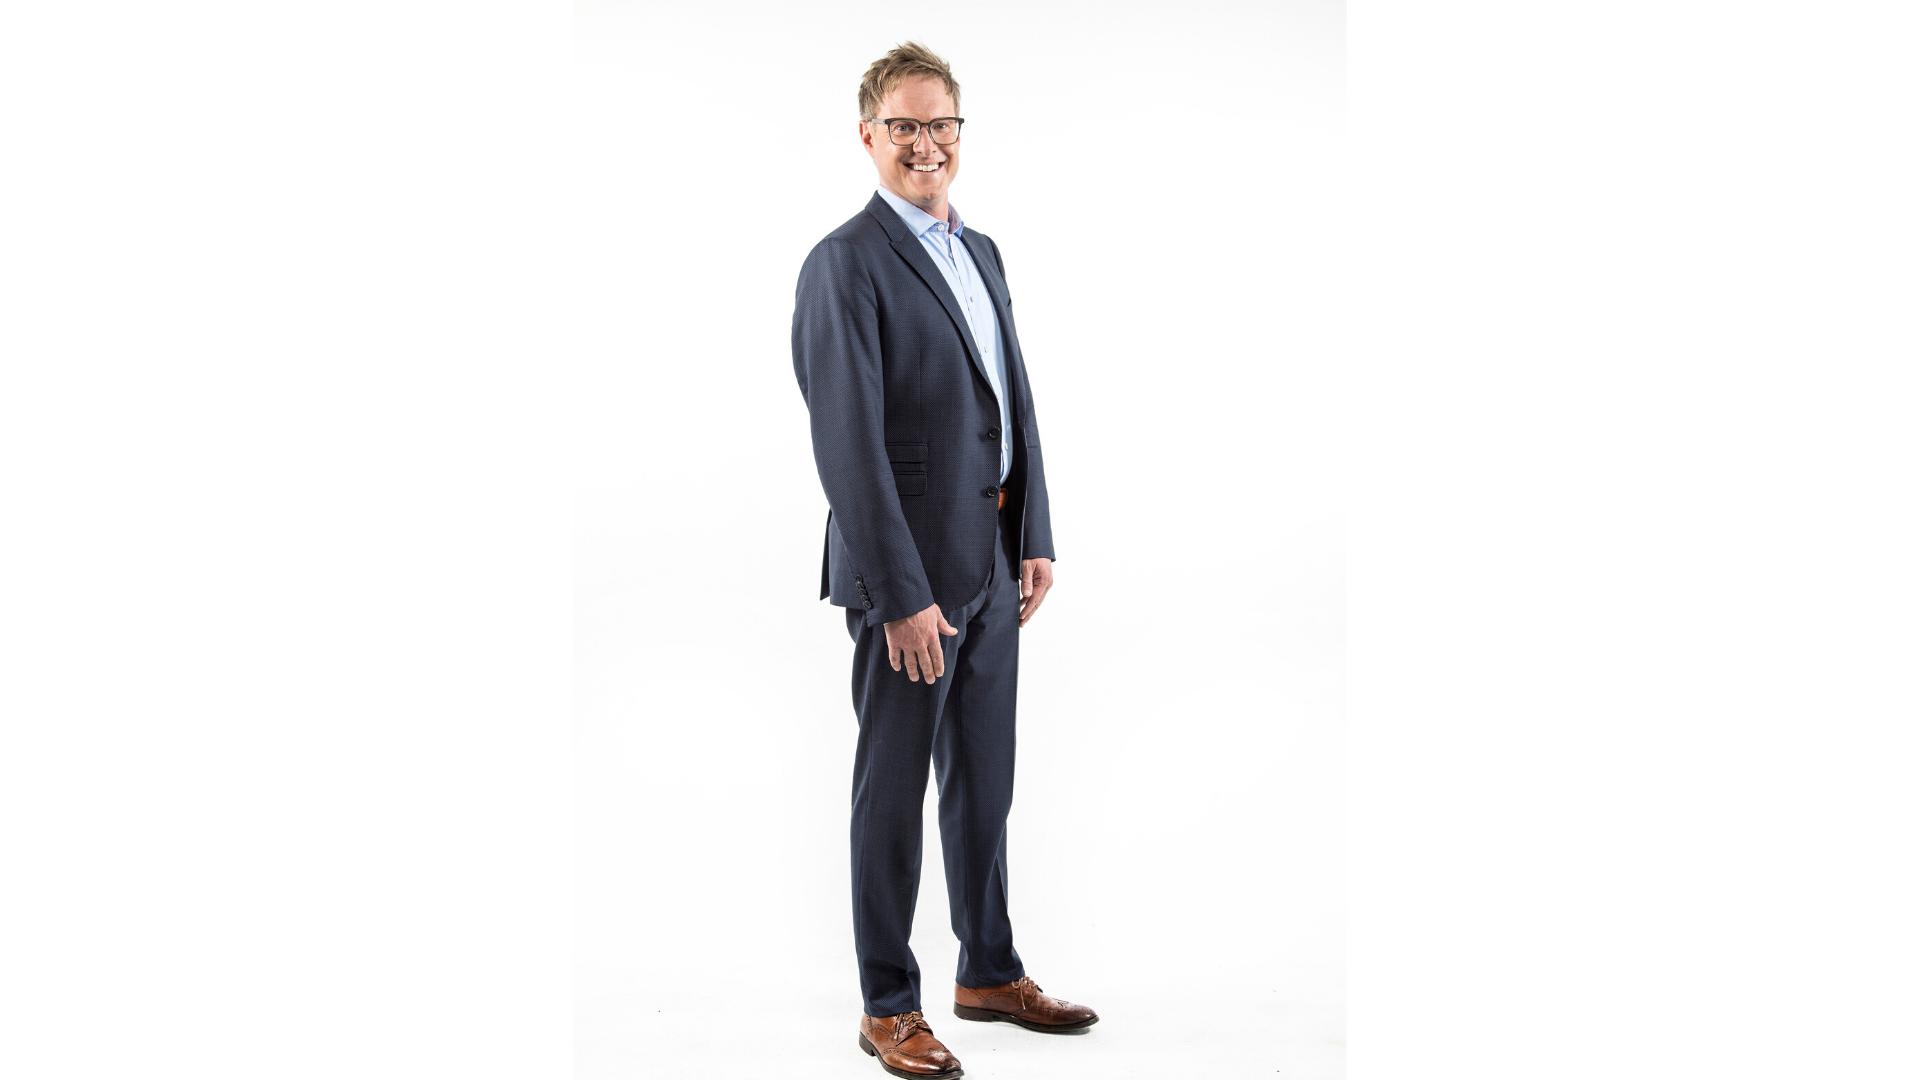 Andrew Davis, Standing, Suit